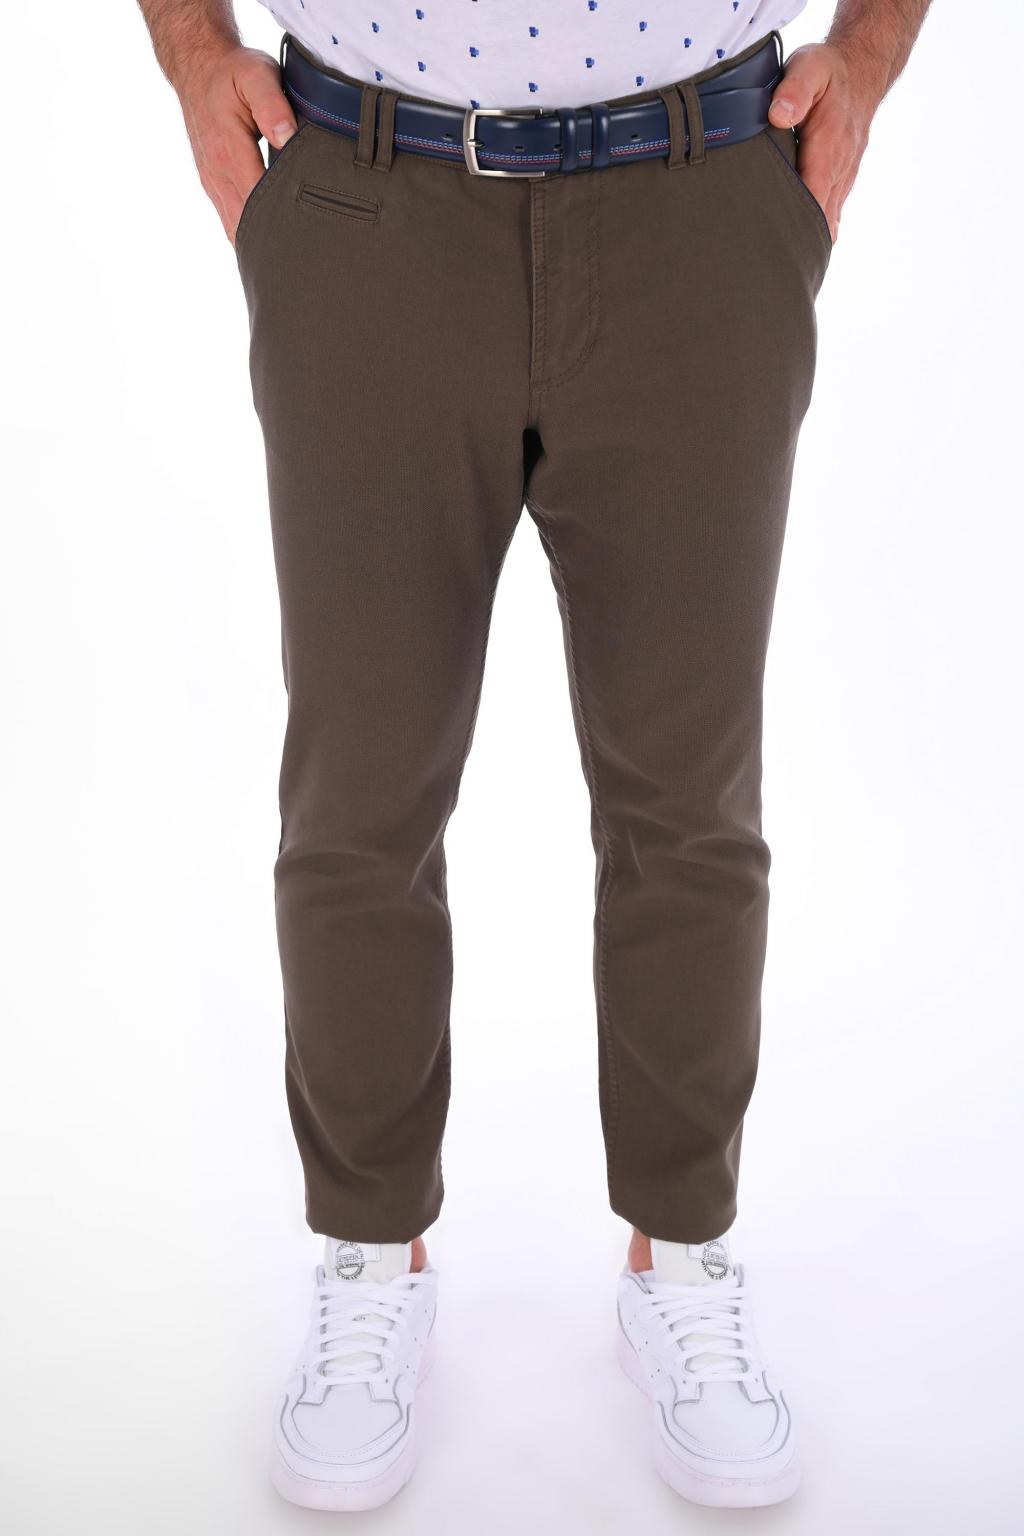 Hnedé nohavice Chinos ULTRA SLIM strih, bavlna stretch